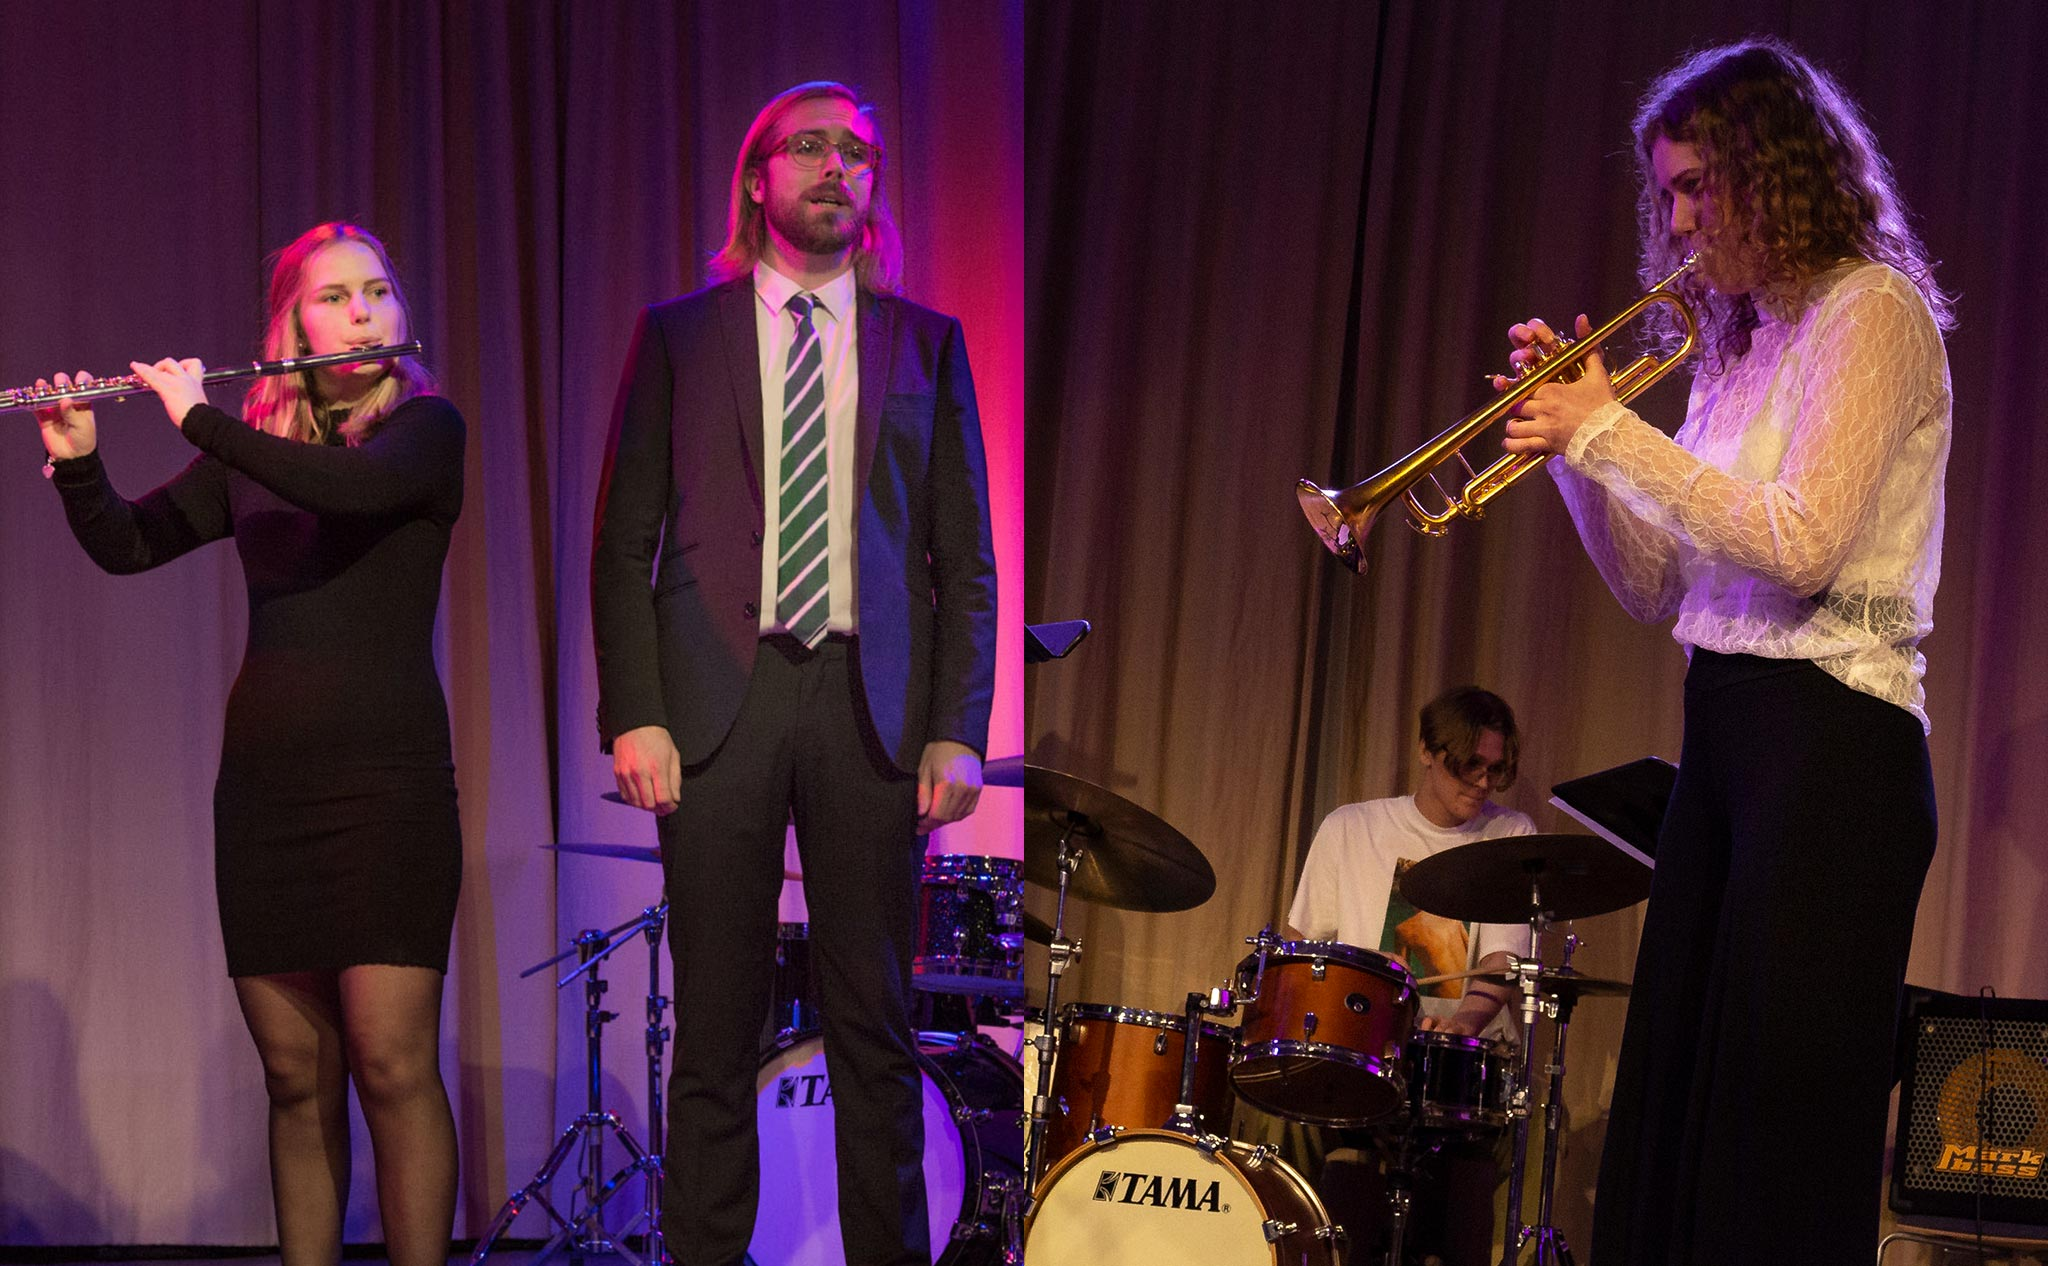 Collage med två bilder. I den ena spelar en person flöjt och en annan sjunger. I andra bilden spelar en person saxofon och en trummor.